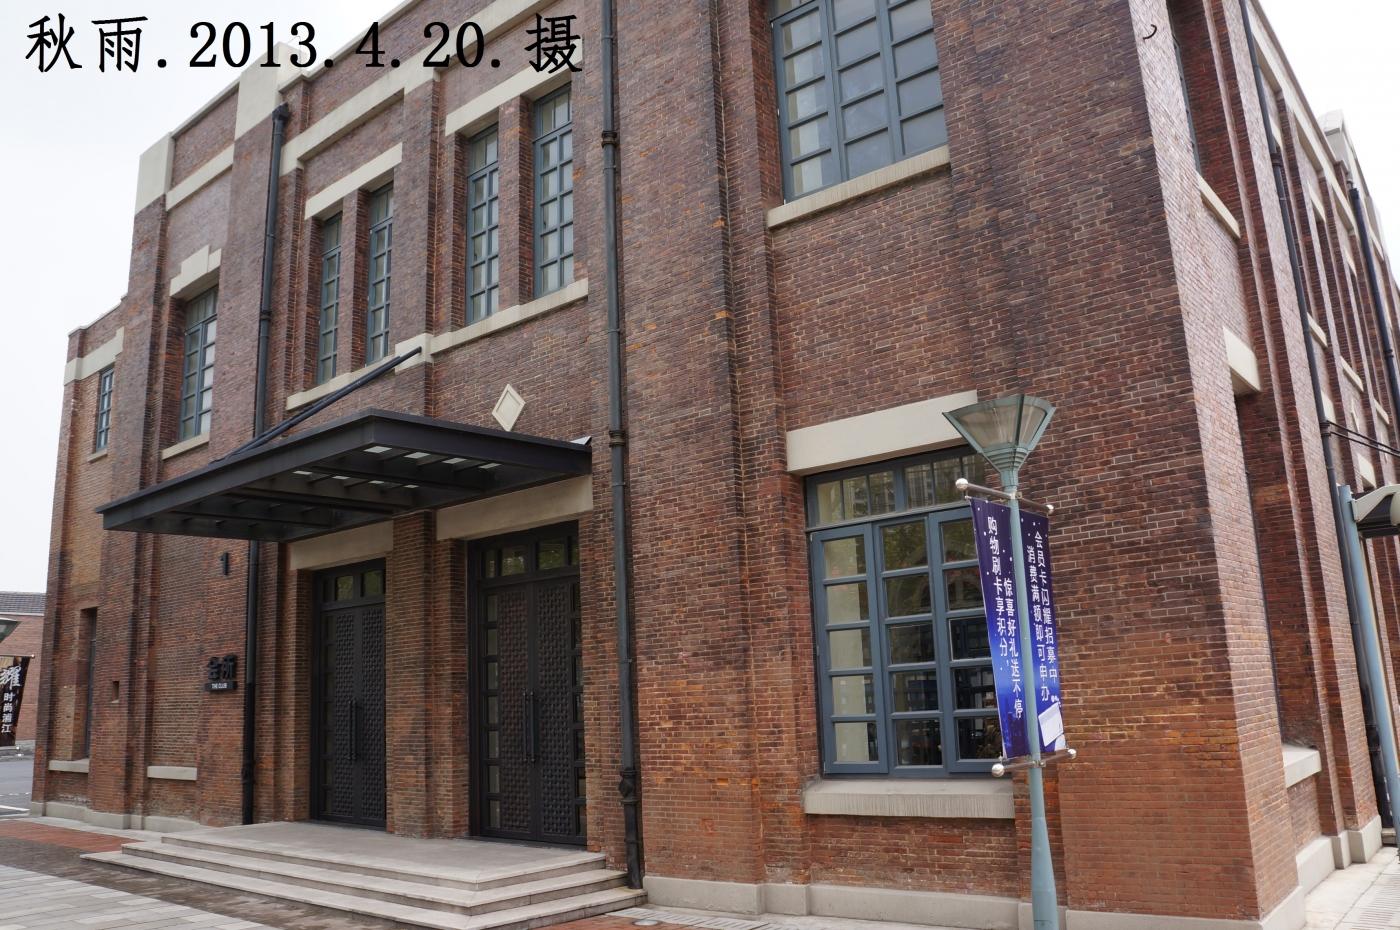 上海国际时尚中心,原国棉十七厂旧址(1),修旧如旧。摄影原创。 ..._图1-24